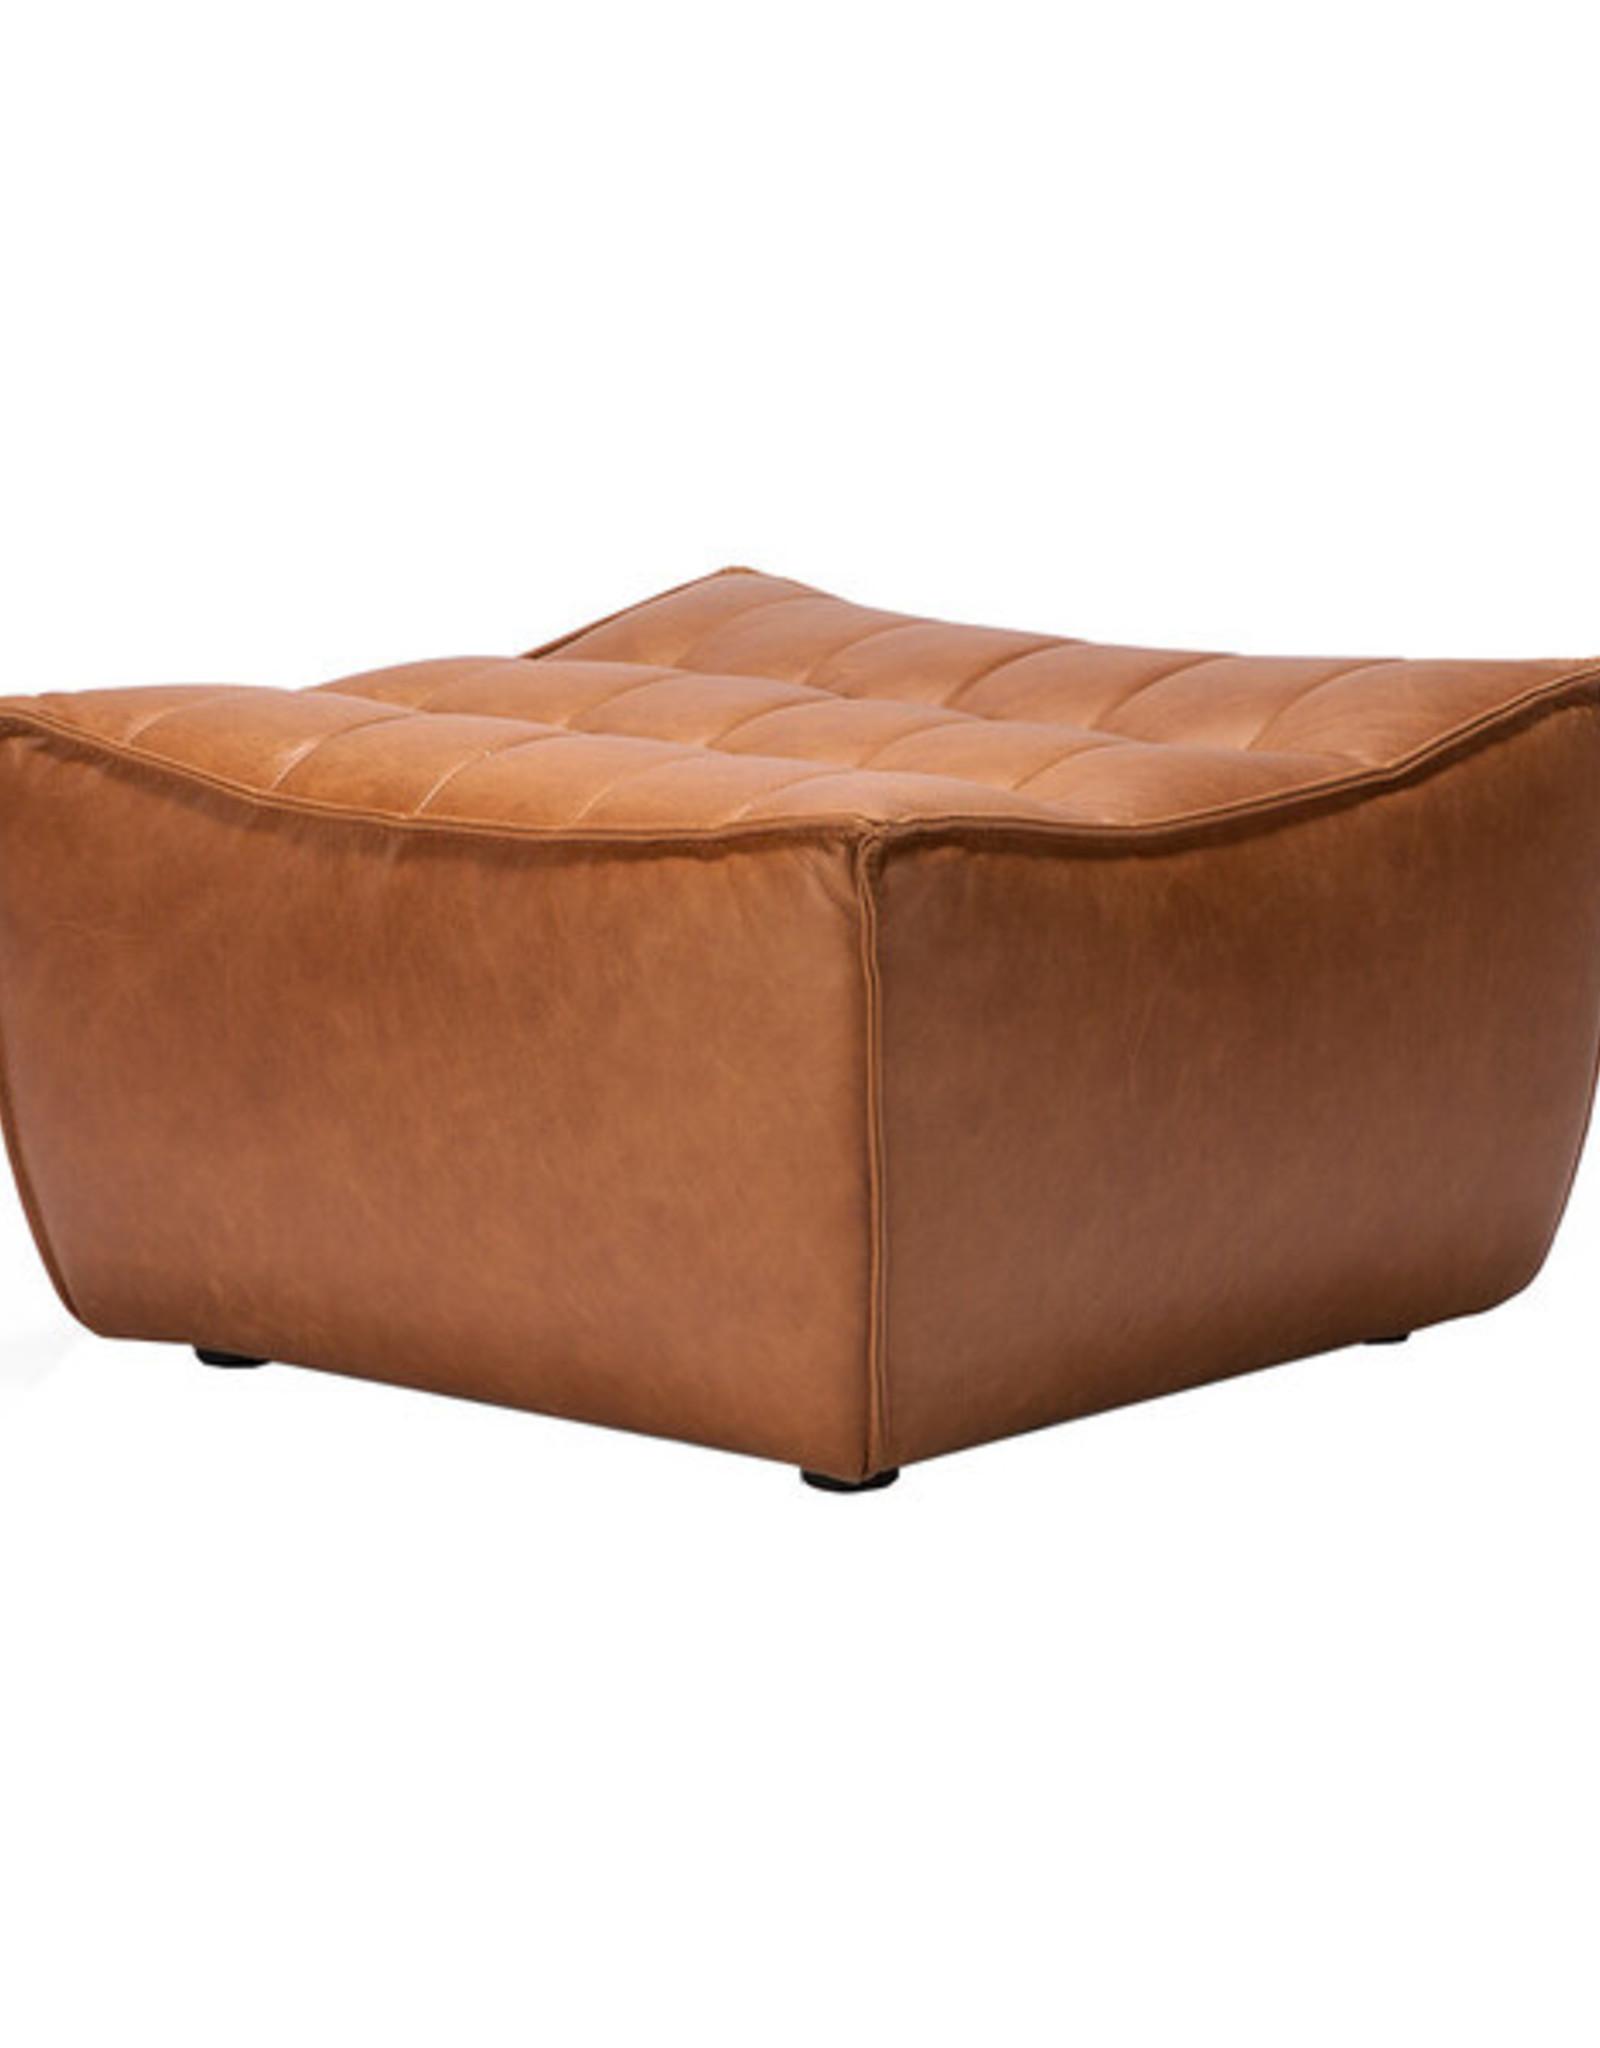 N701 Footstool - Old Saddle